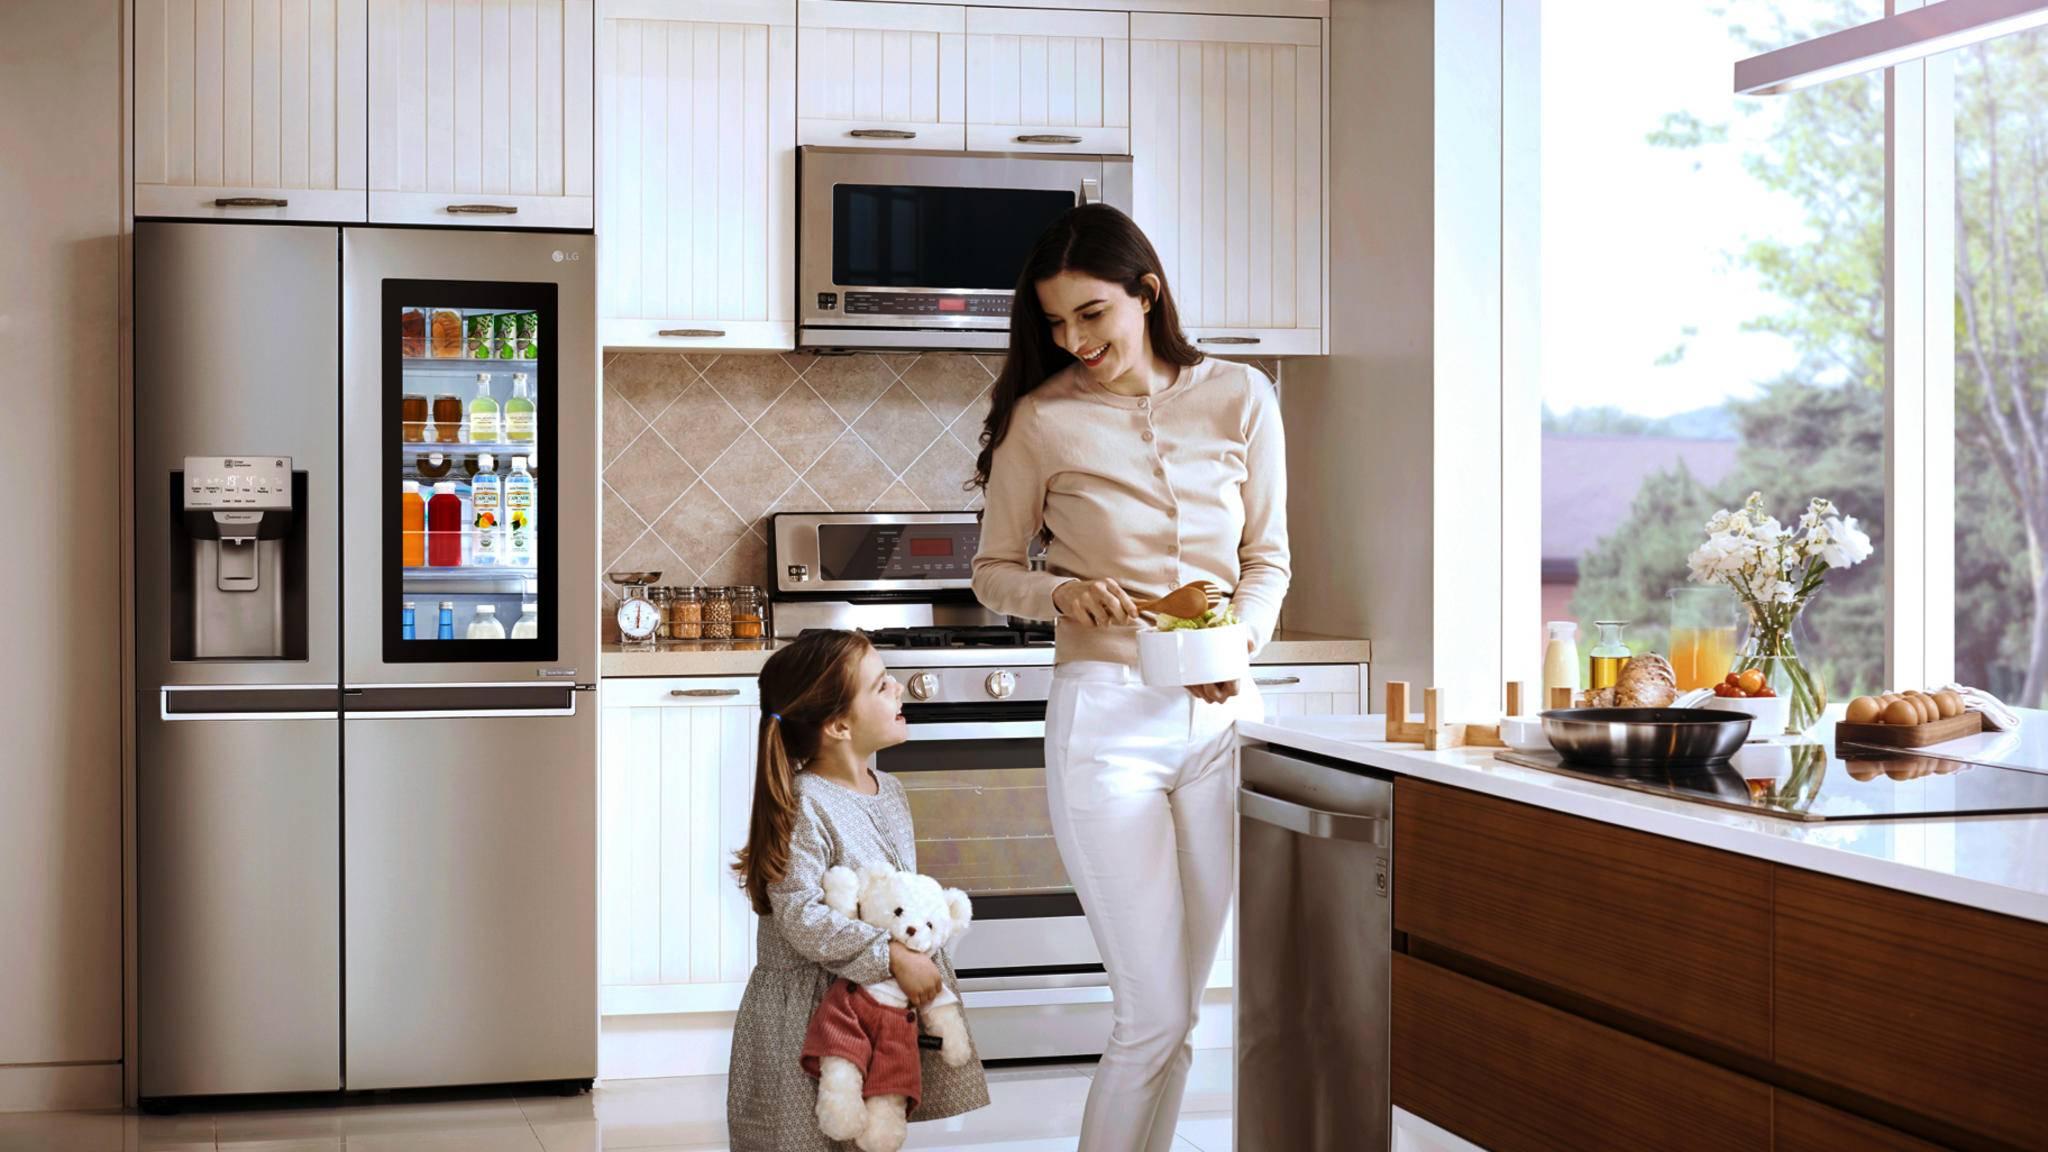 Smarte Kühlschränke wie LGs InstaView ThinQ Kühlschranke verwalten Lebensmittel für den Nutzer.